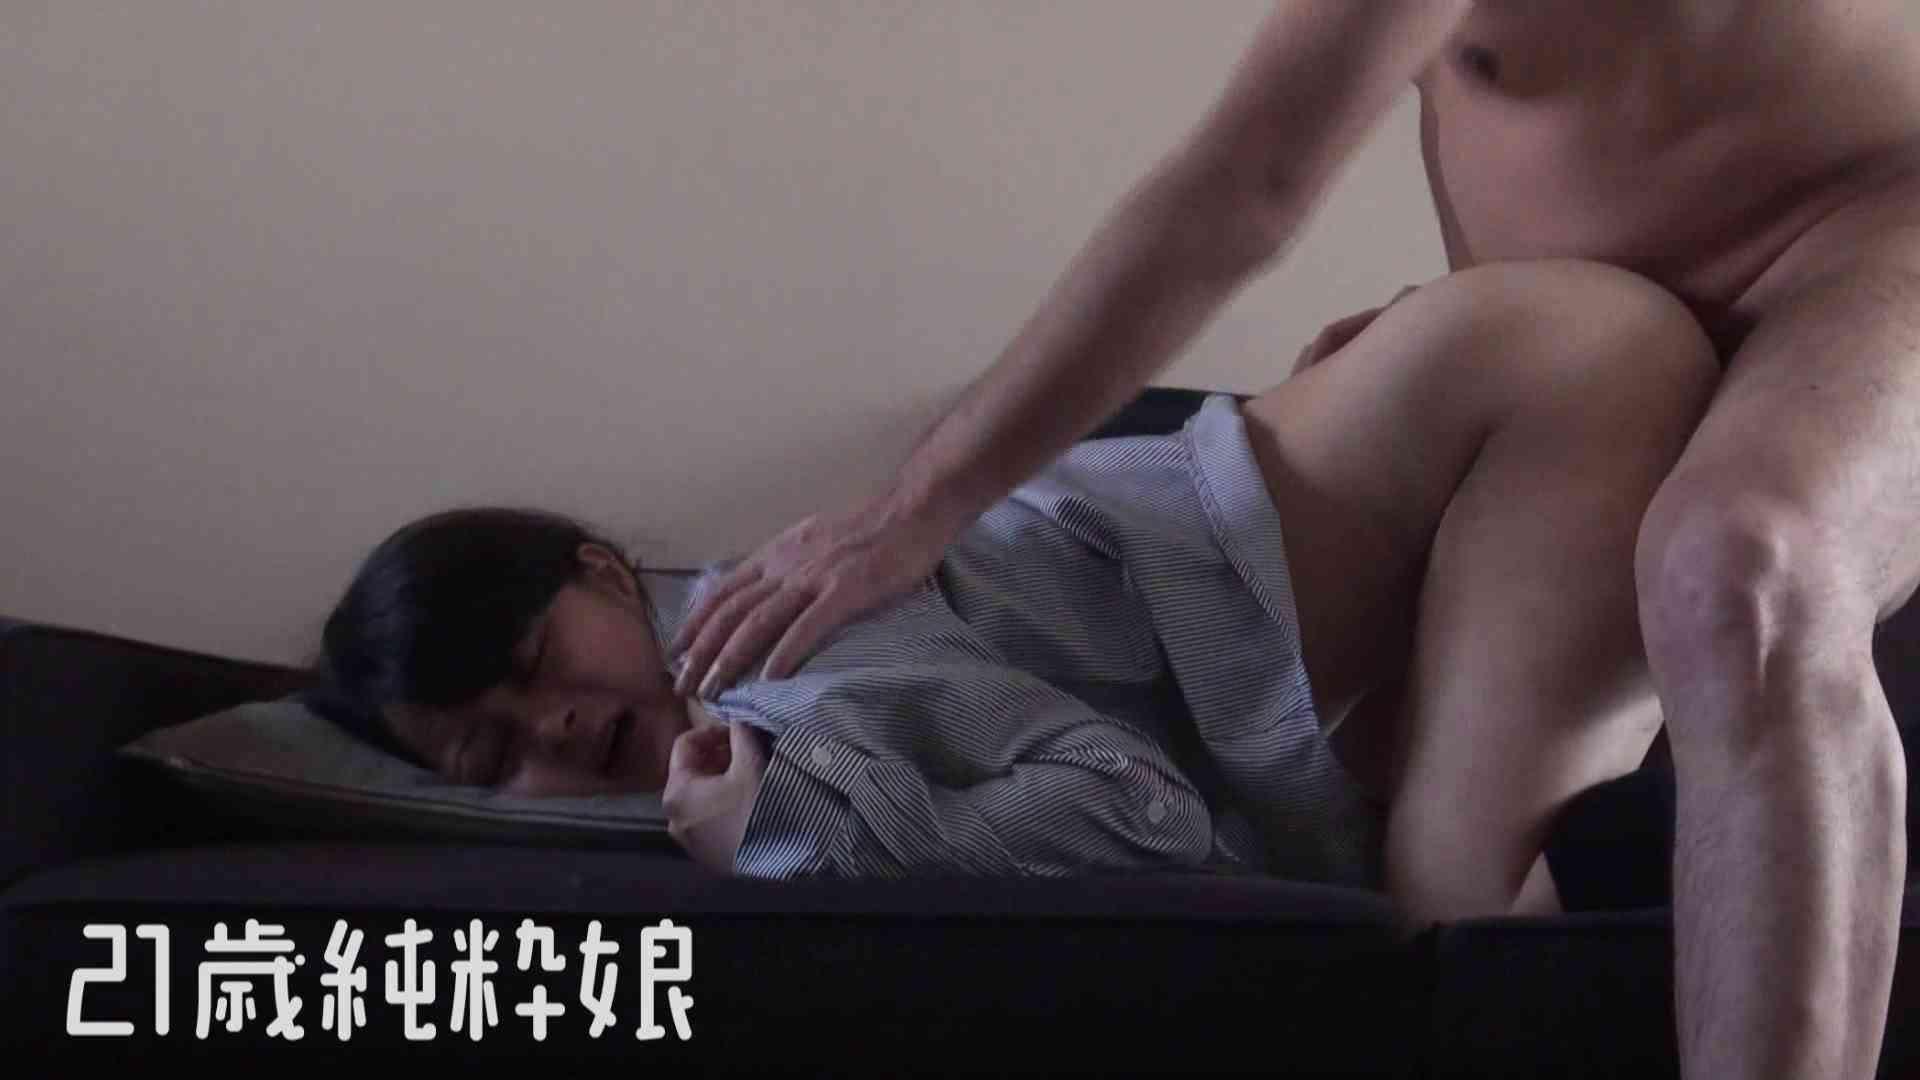 上京したばかりのGカップ21歳純粋嬢を都合の良い女にしてみた3 フェラ  110連発 42